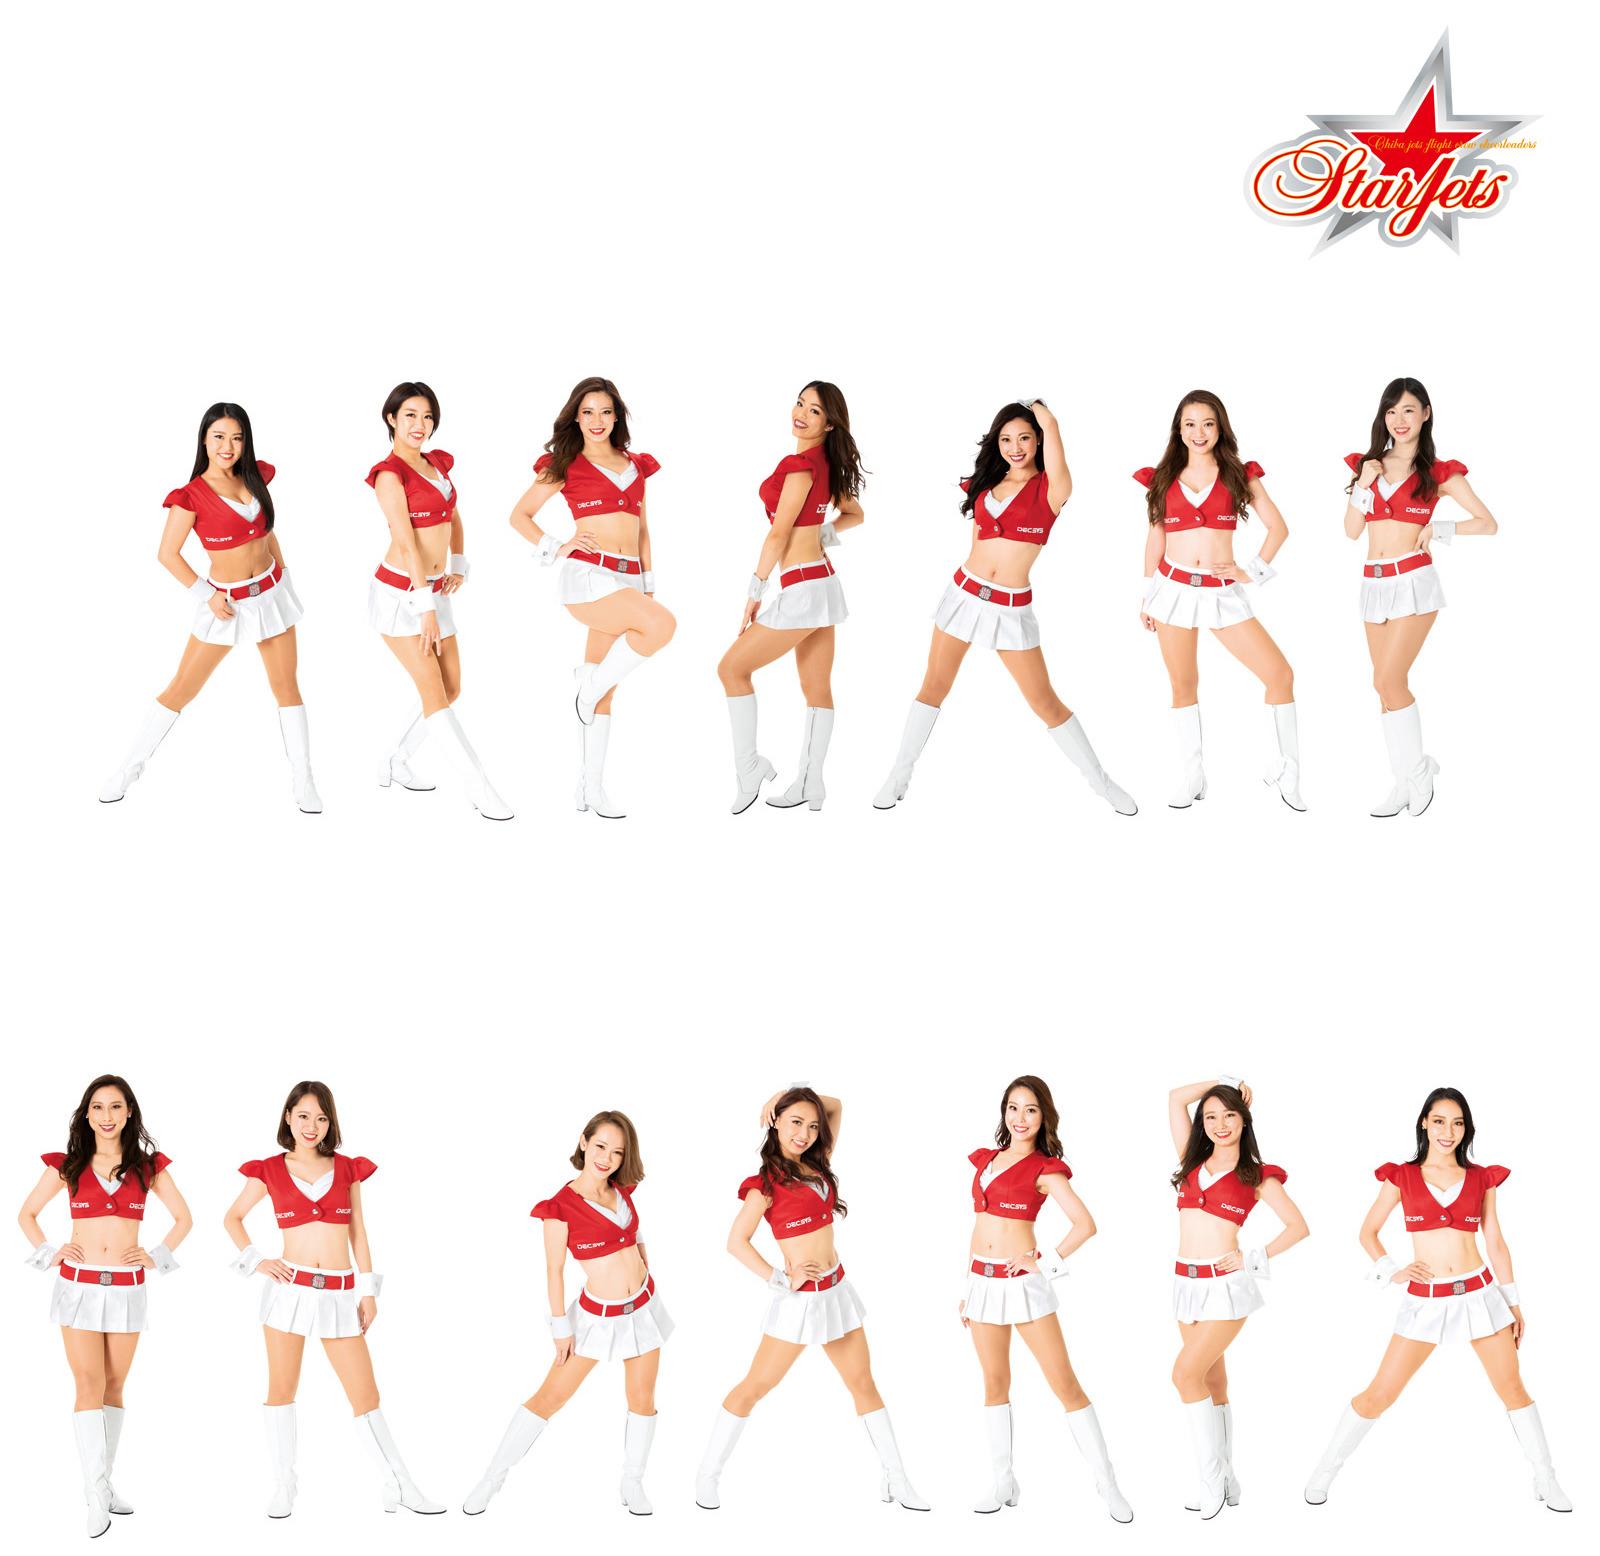 ヴィオレットソールはプロバスケットボールチーム千葉ジェッツふなばしフライトクルーチアリーダーズStar Jets(スタージェッツ)のオフィシャルインソールサプライヤーです